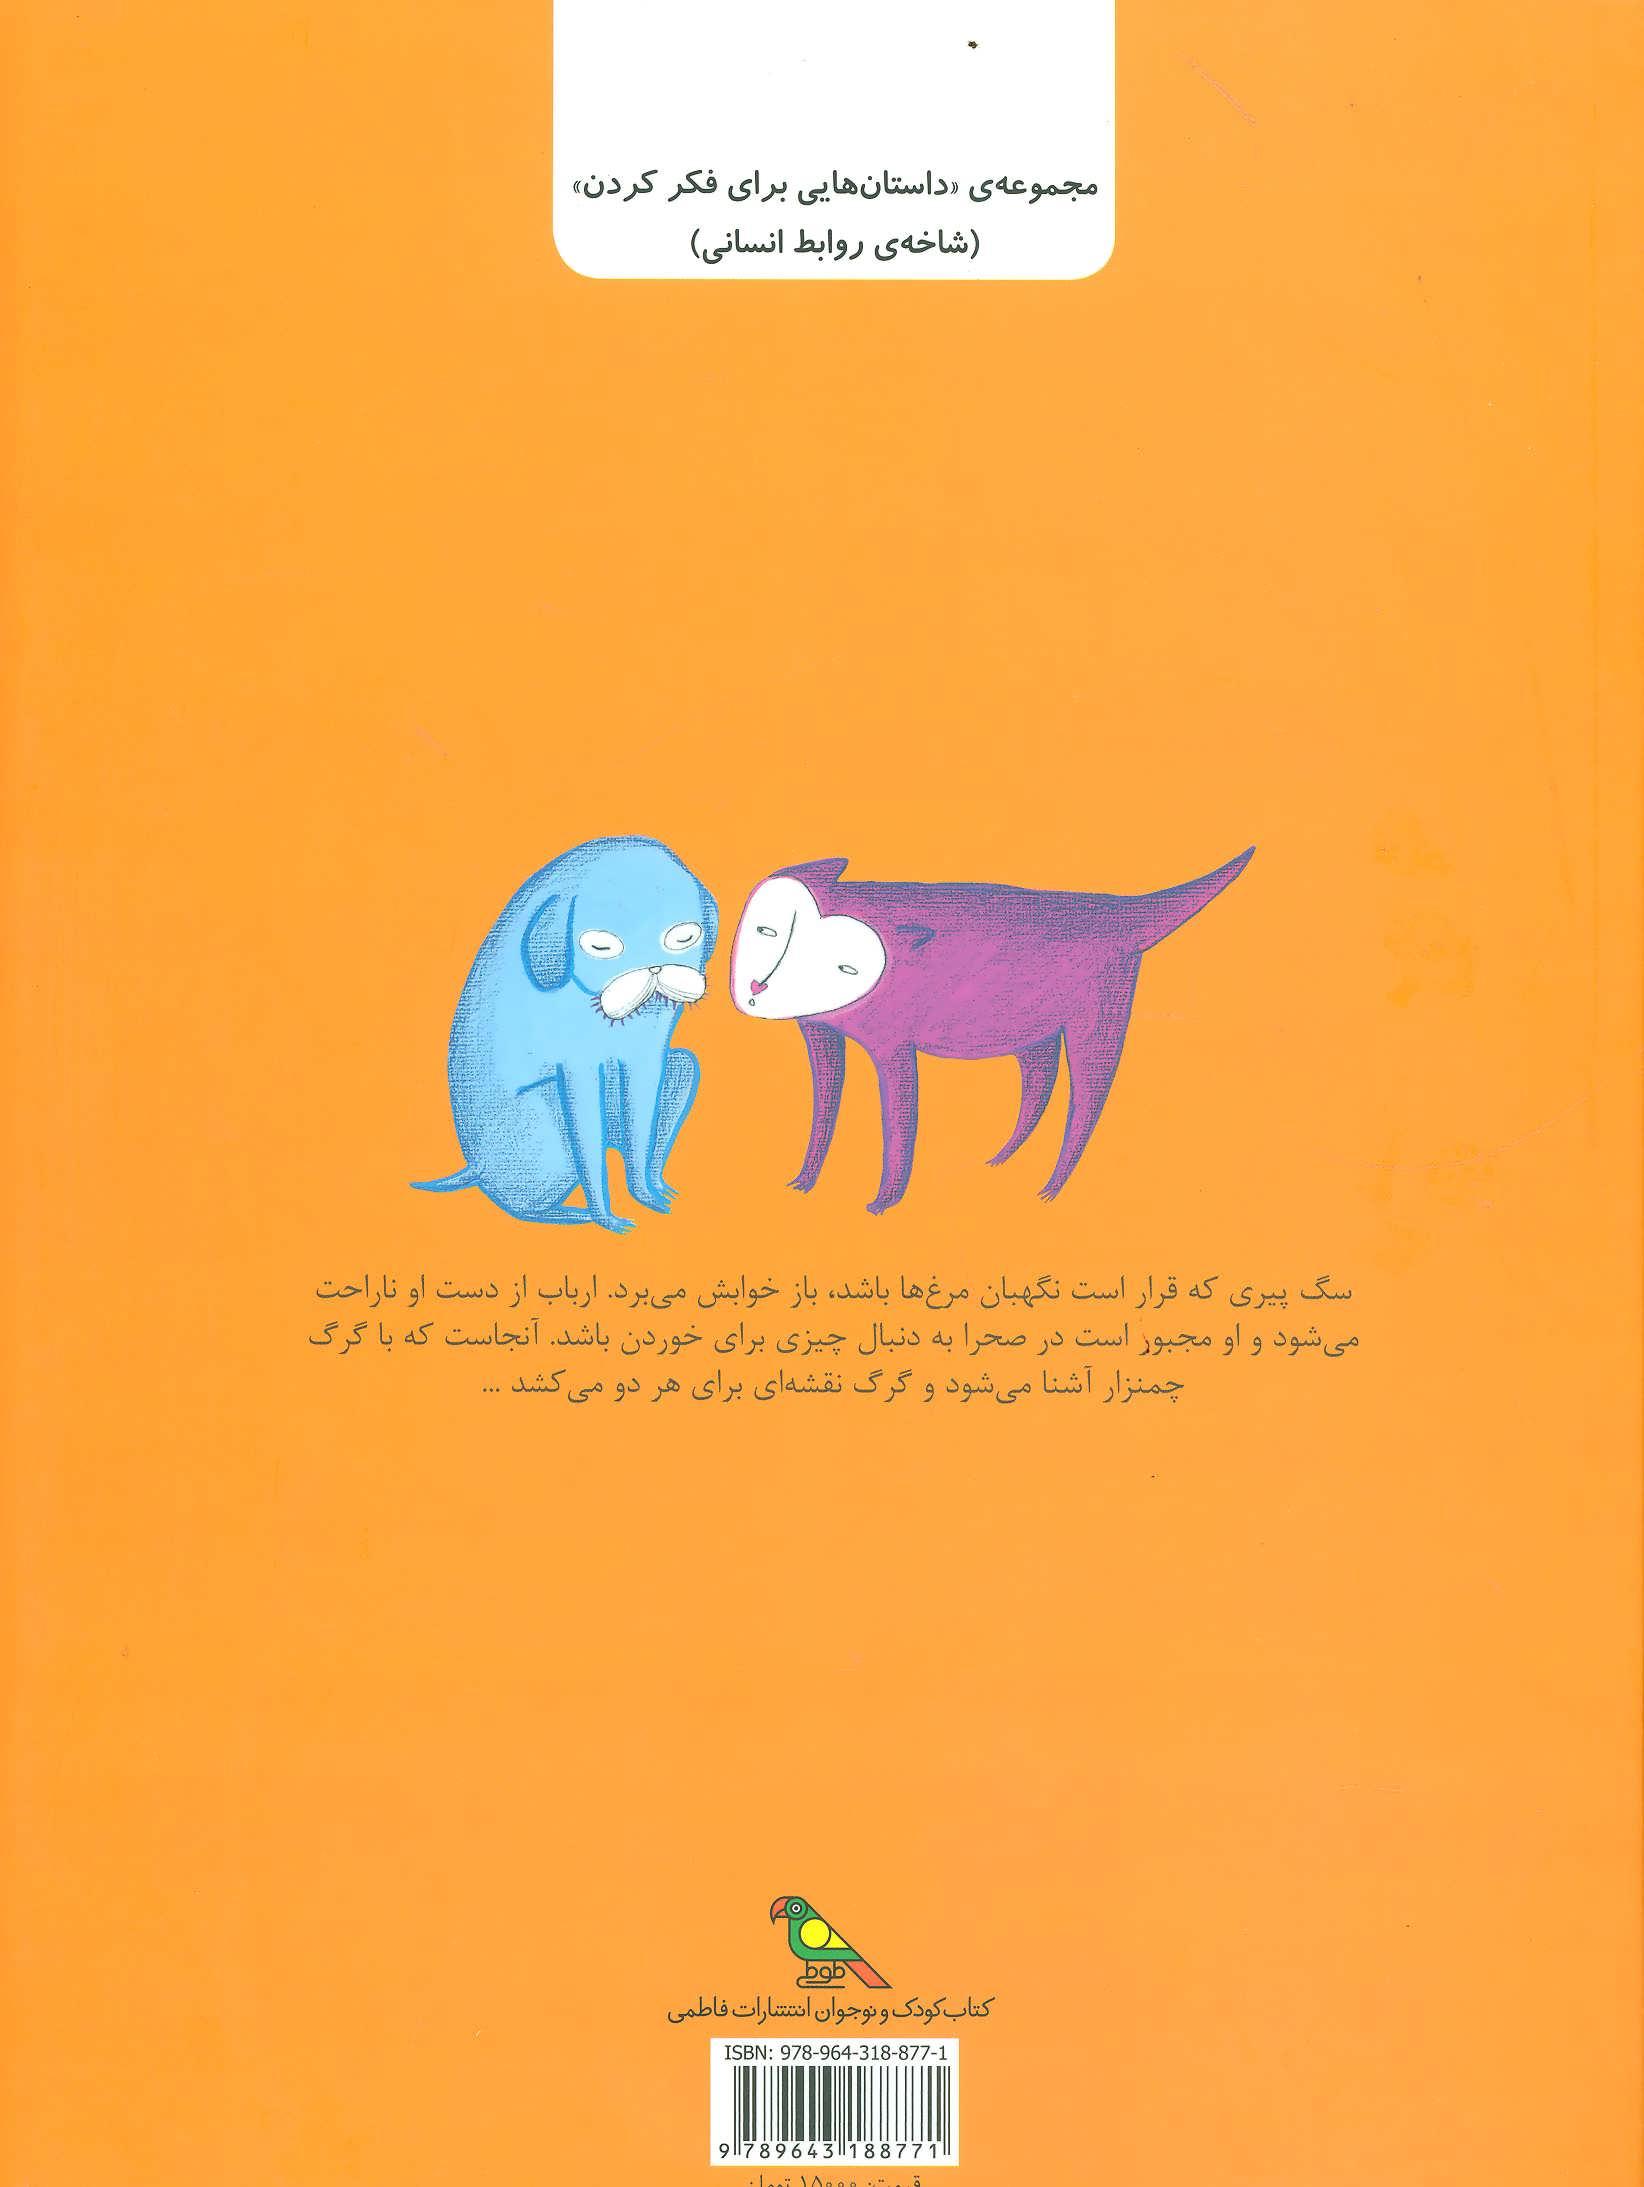 سگ نگهبان و گرگ چمنزار (داستان هایی برای فکر کردن)